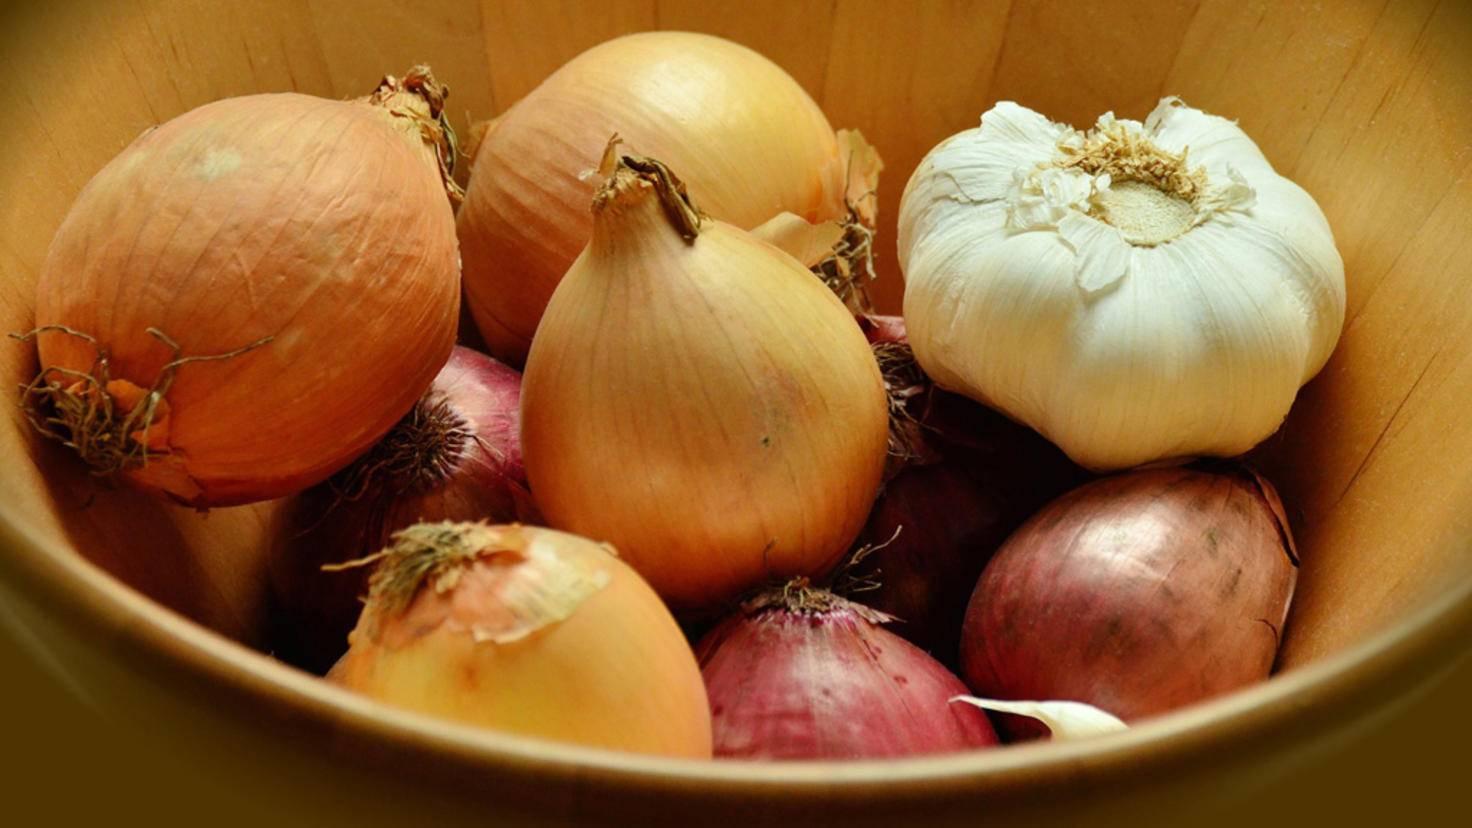 Knoblauch und Zwiebeln mögen Trockenheit – damit kann der Kühlschrank nicht dienen.